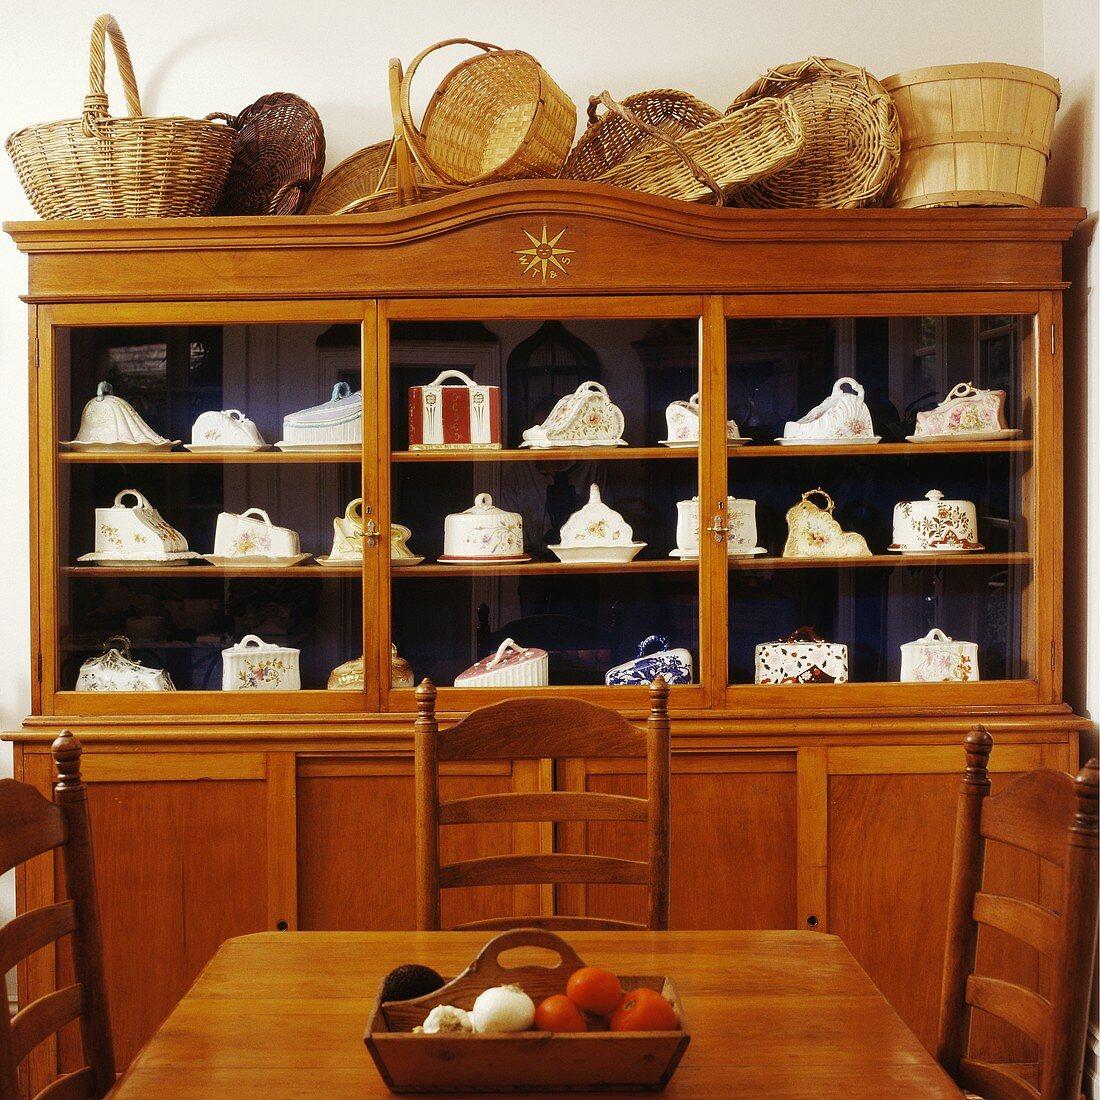 Körbesammlung auf schlichter, alter Holzvitrine mit Sammlung antiker Käseglocken hinter Essplatz in gleicher Holzfarbe